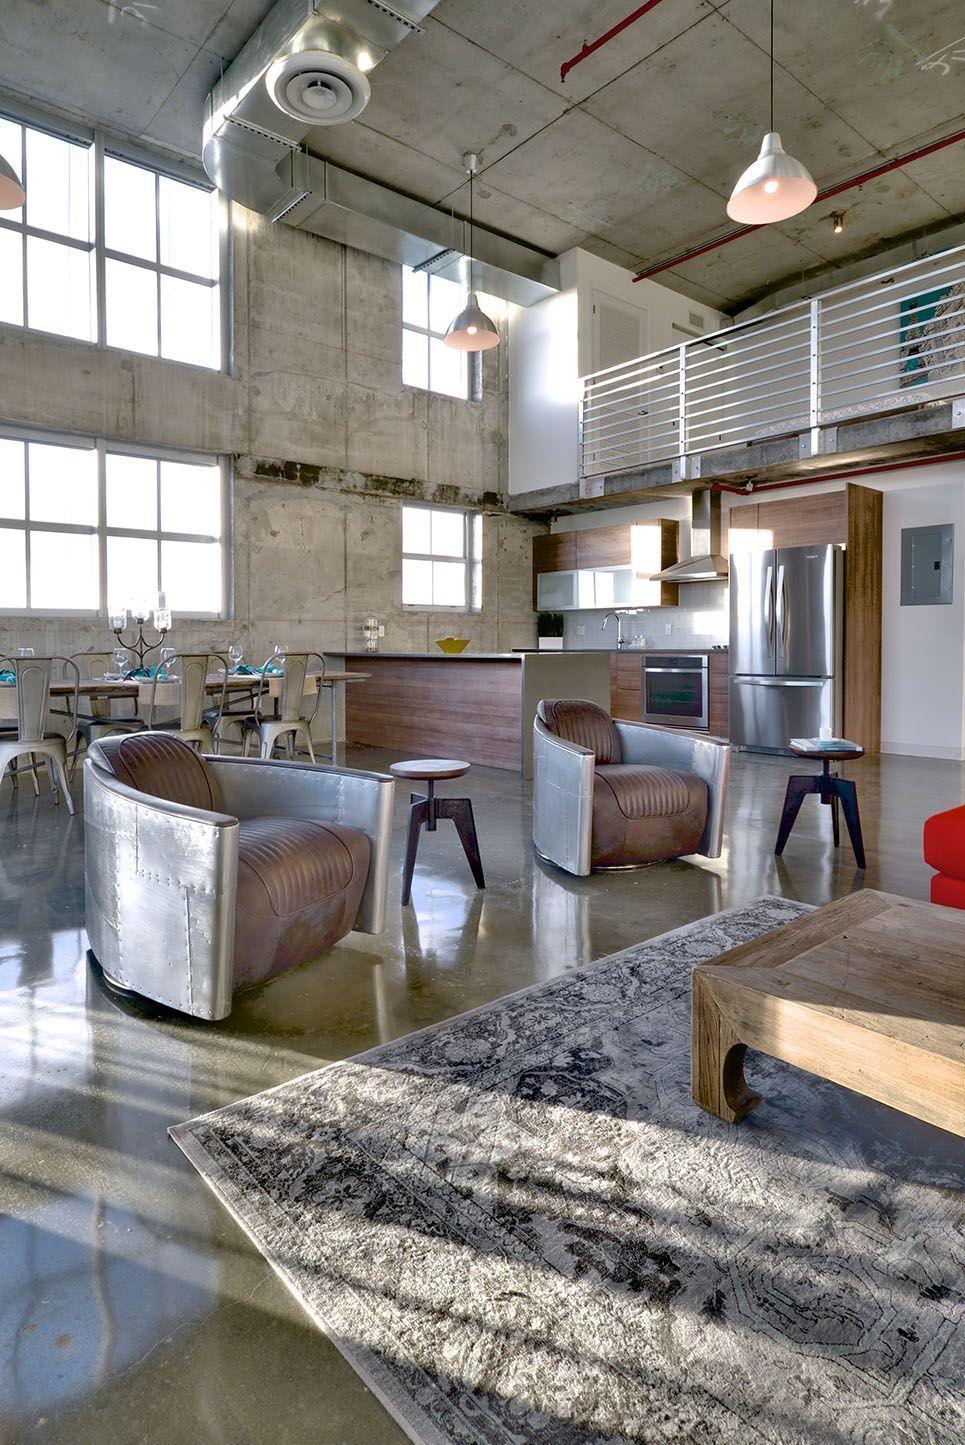 Большие фабричные помещения стали прекрасным местом для обустройства как художественных мастерских, так и жилья